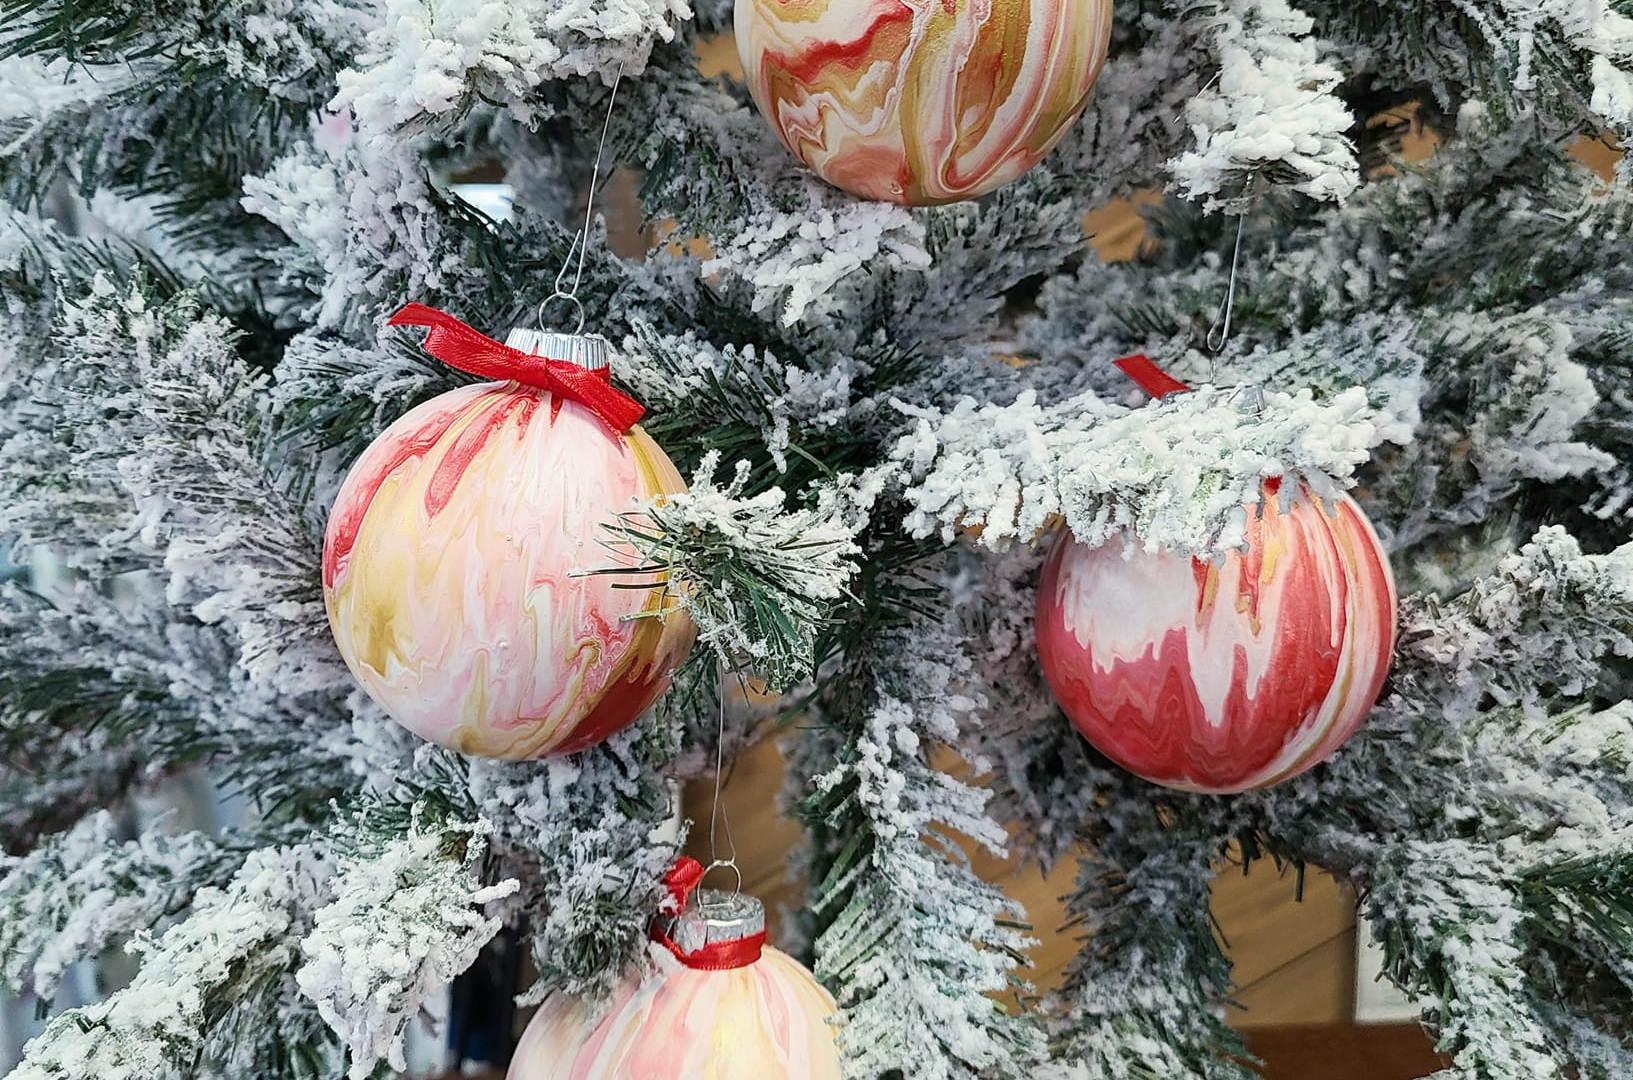 Paint Pour Ornaments.jpg